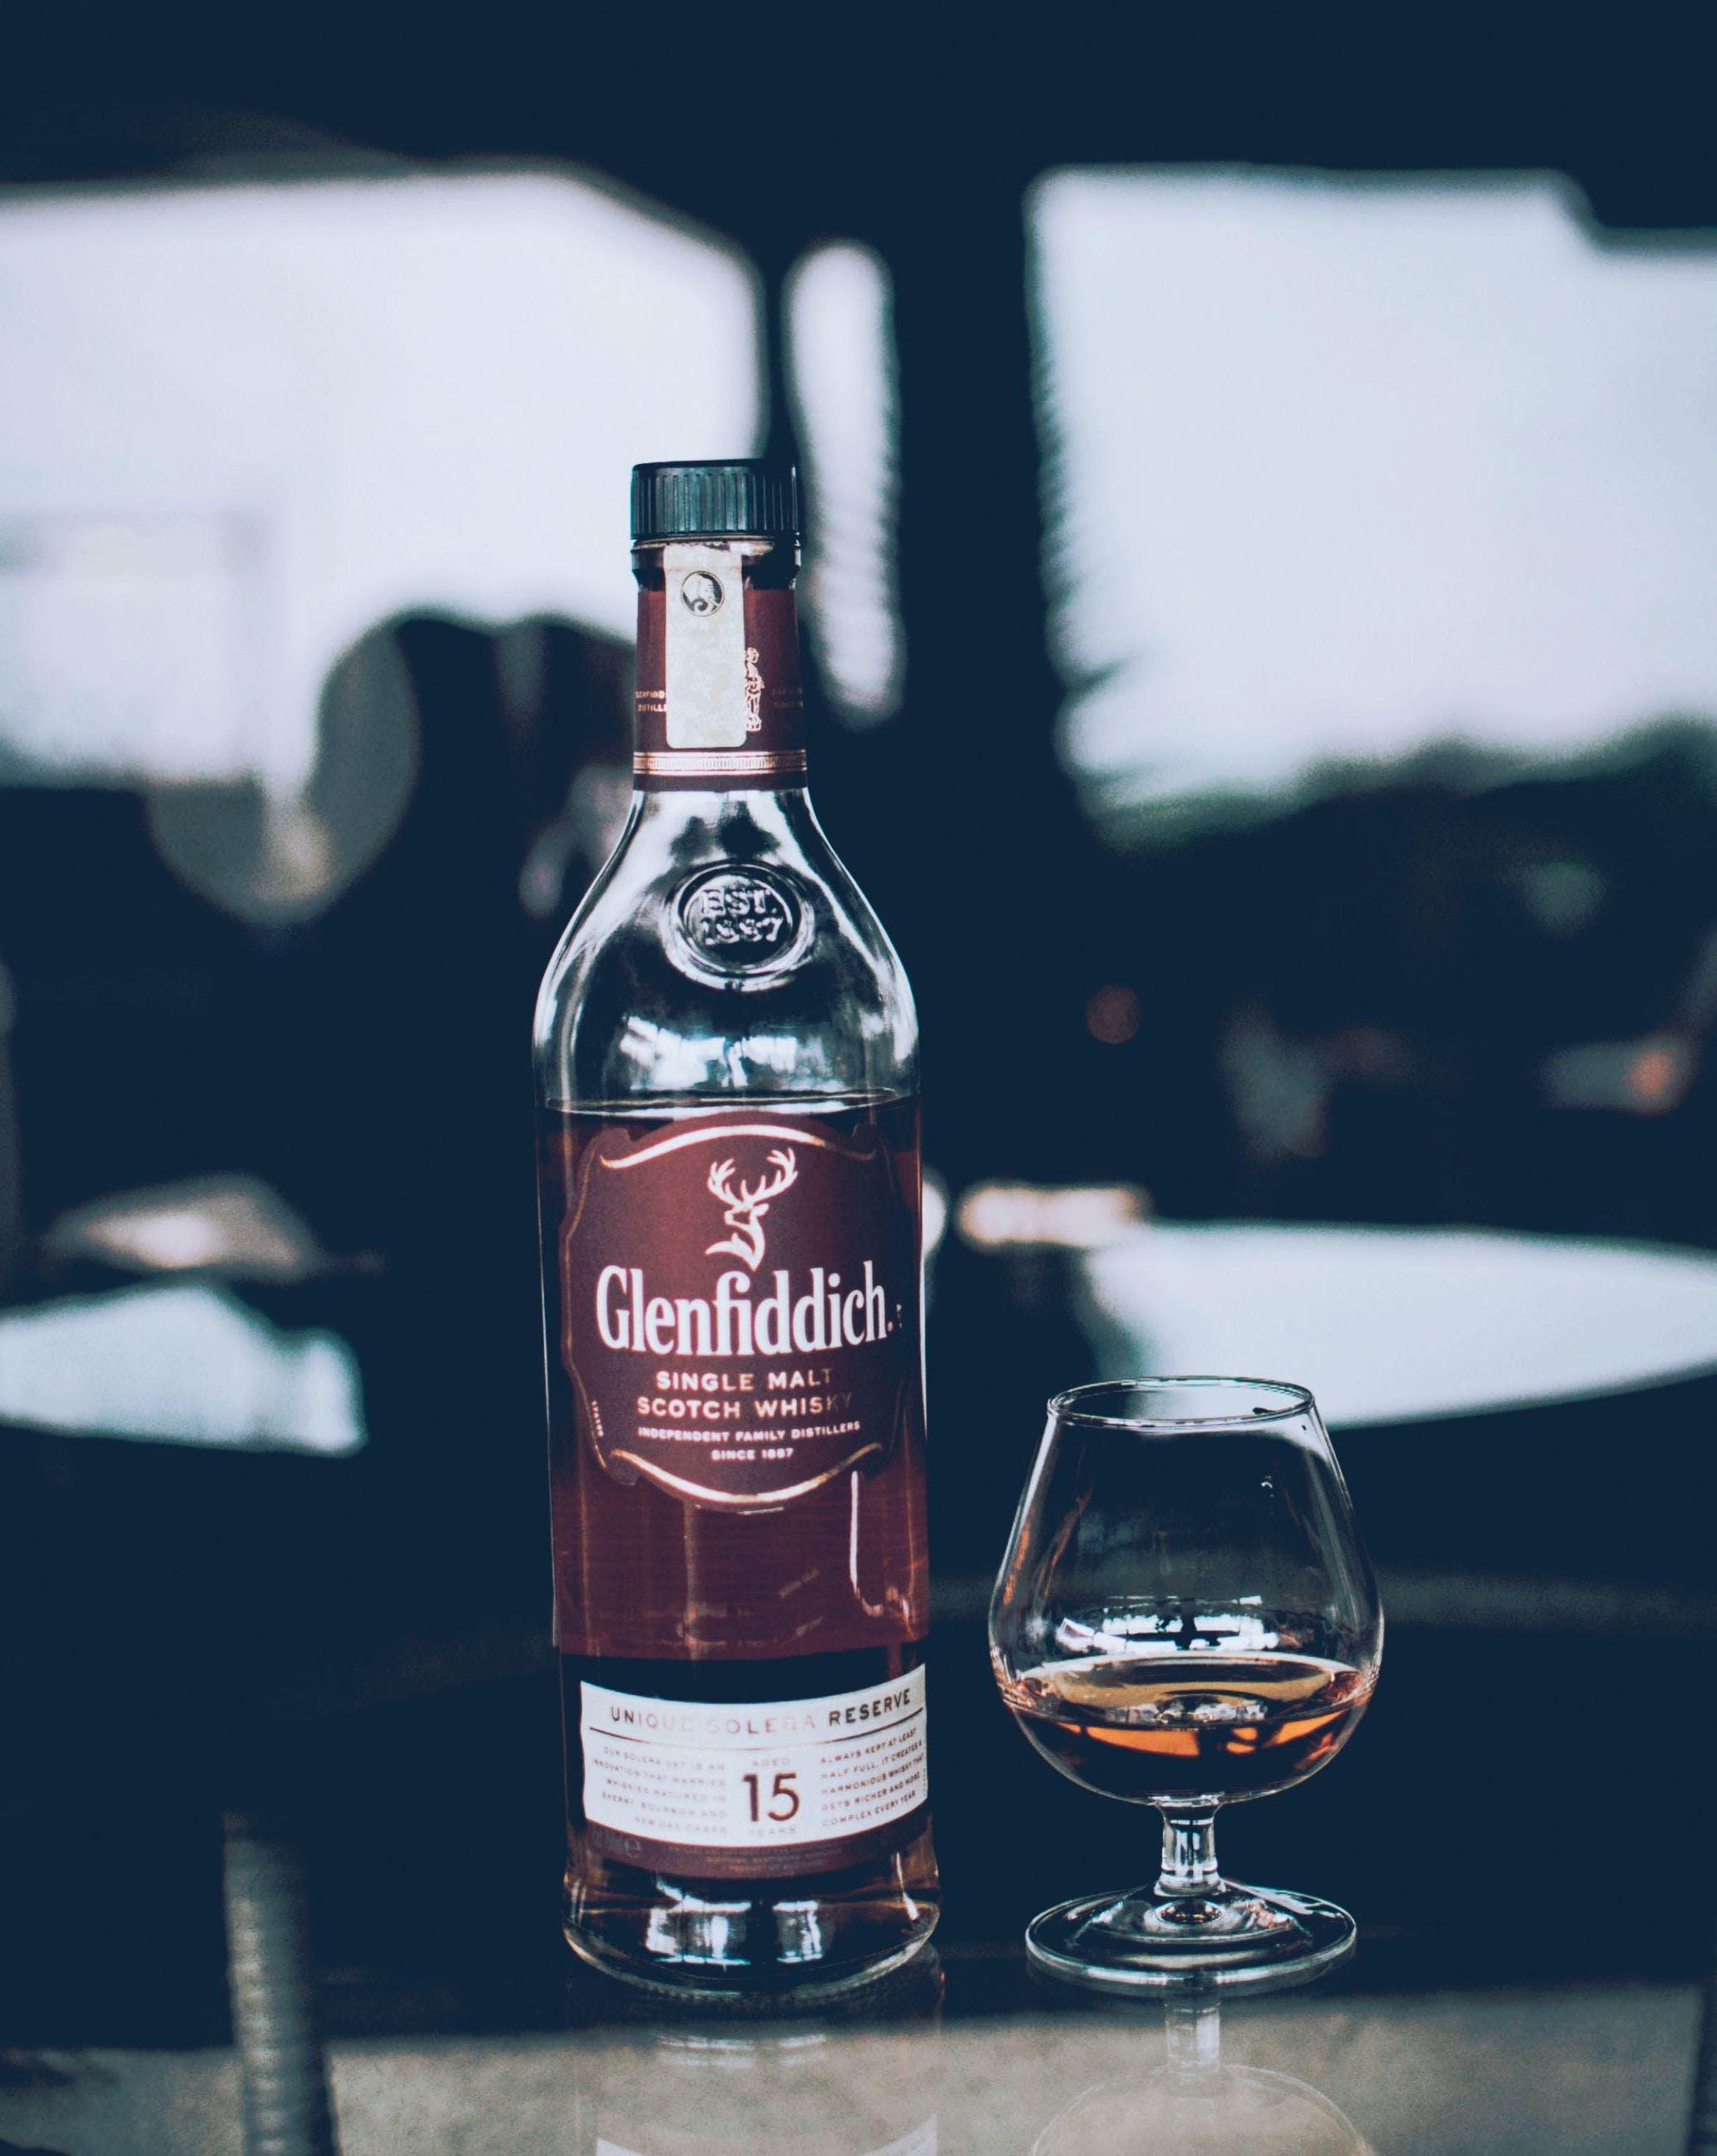 Glenfiddich Bottle Beside Wine Glass